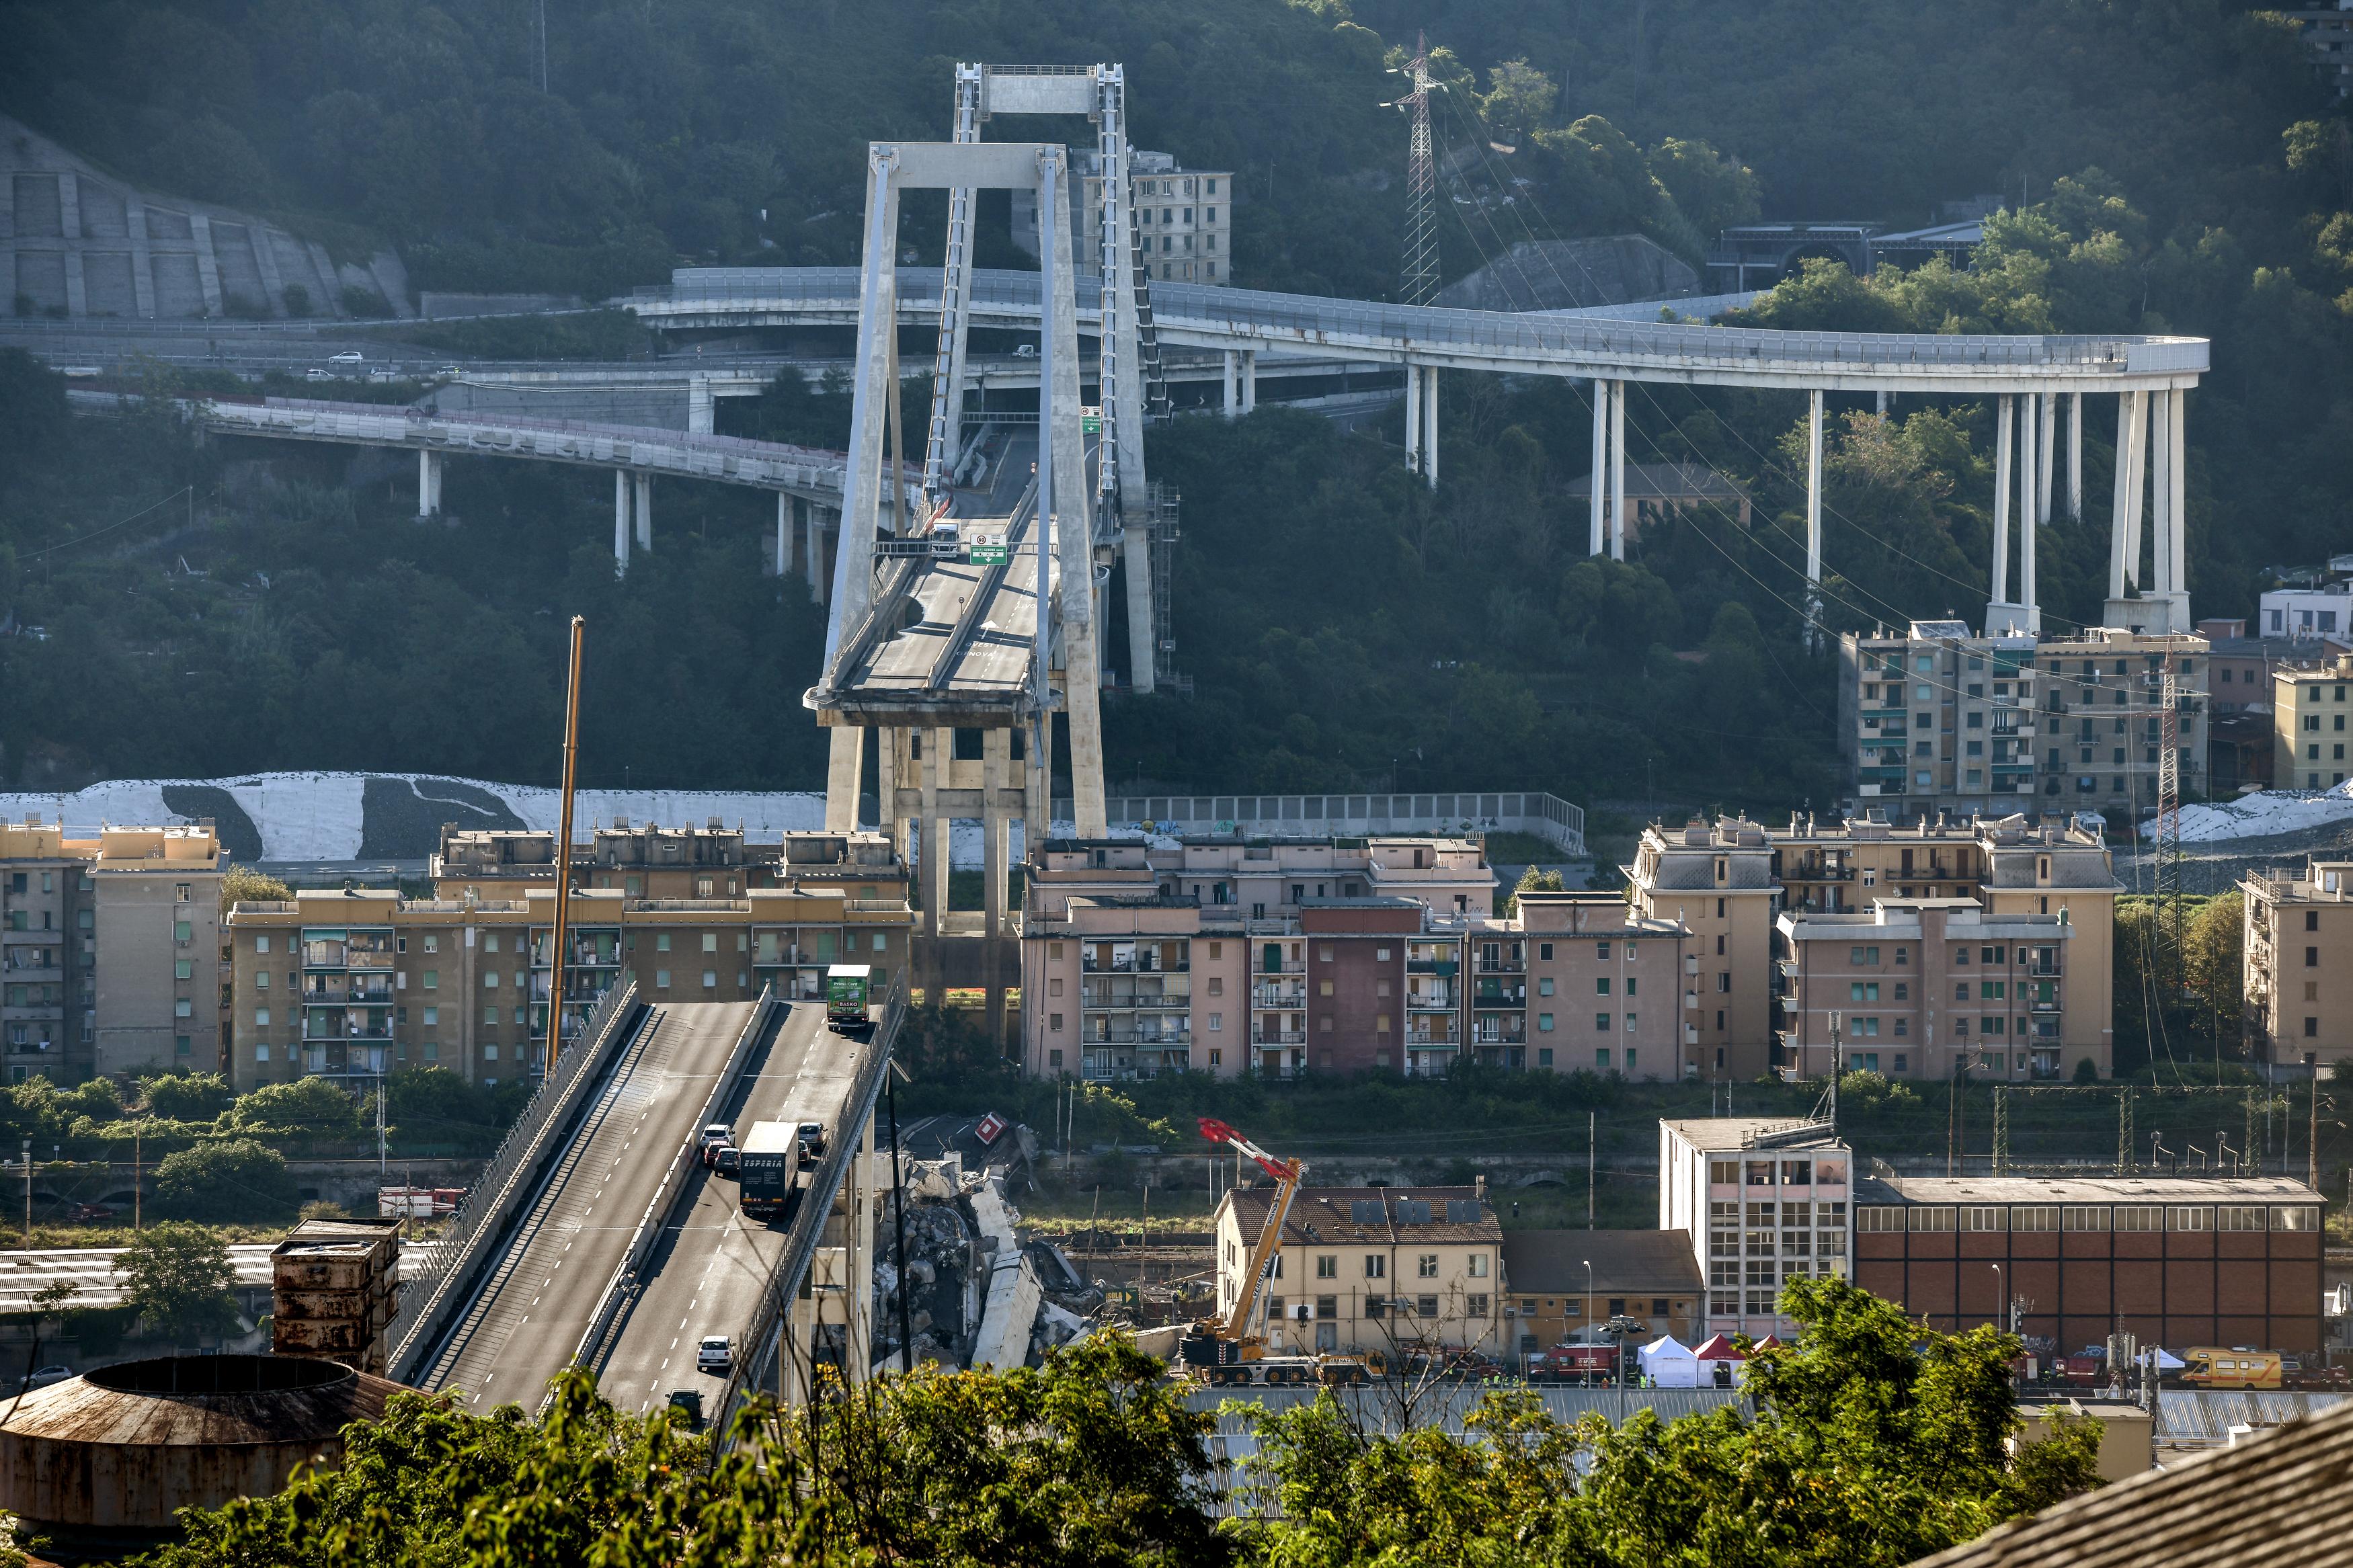 Újabb három holttestet találtak a genovai híd romjai alatt